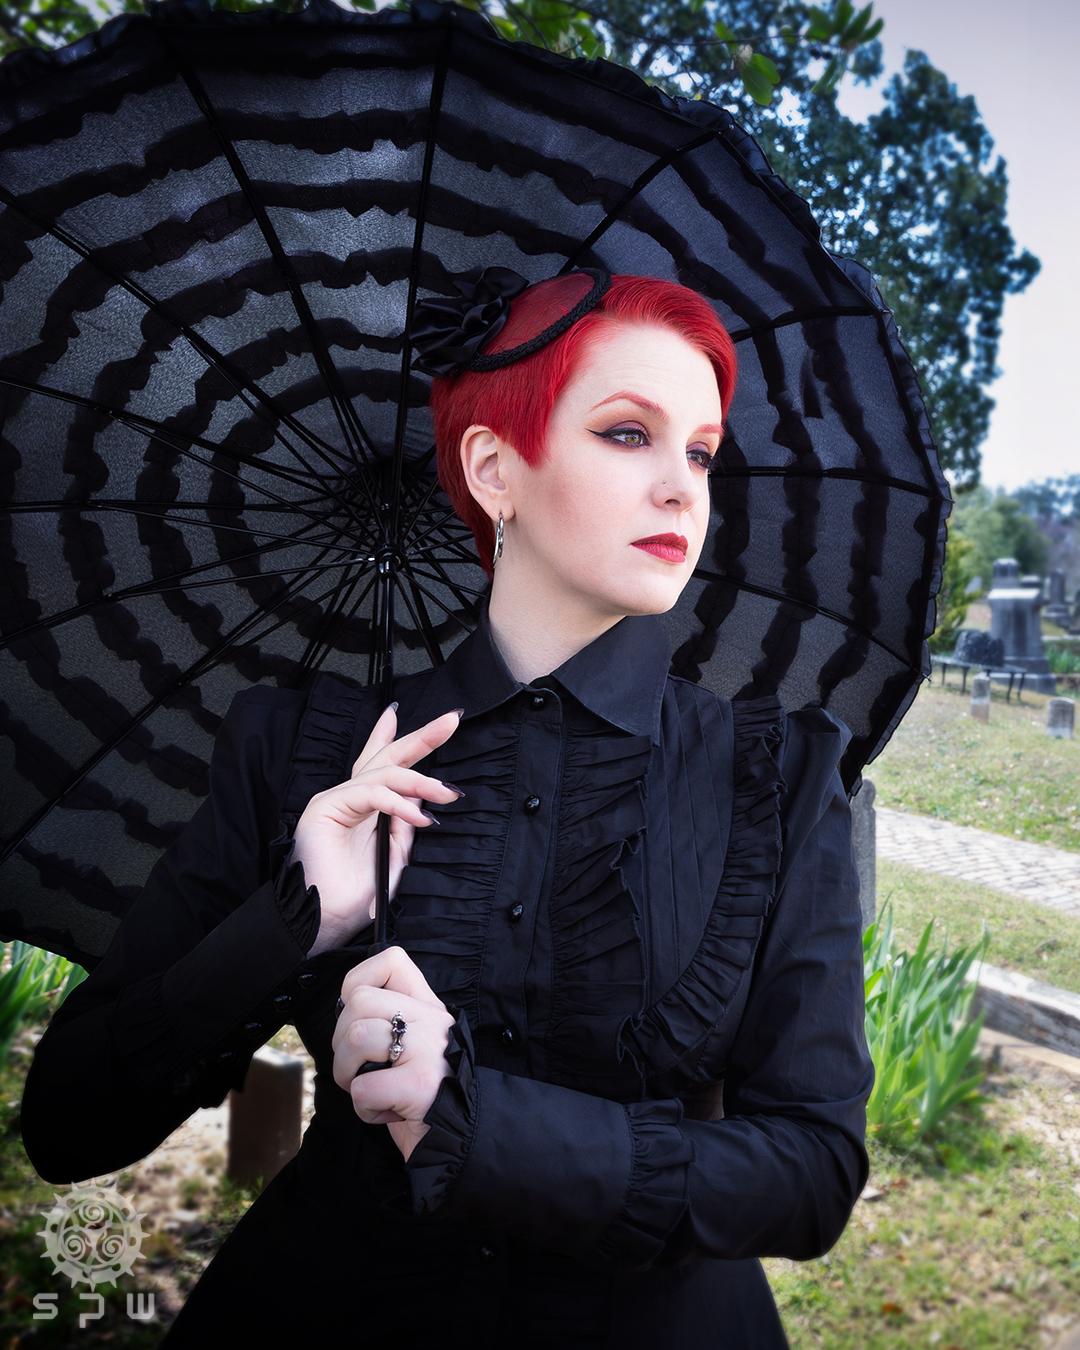 Sarah Birdsong